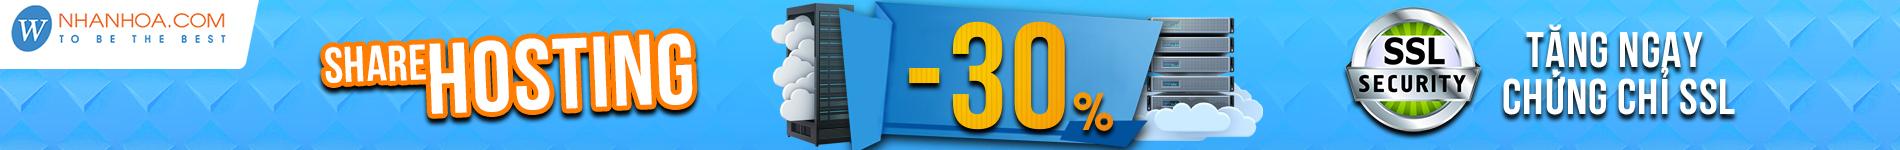 Bảng giá mua bán web hosting SSD-Thuê Linux hosting giá rẻ tốt nhất